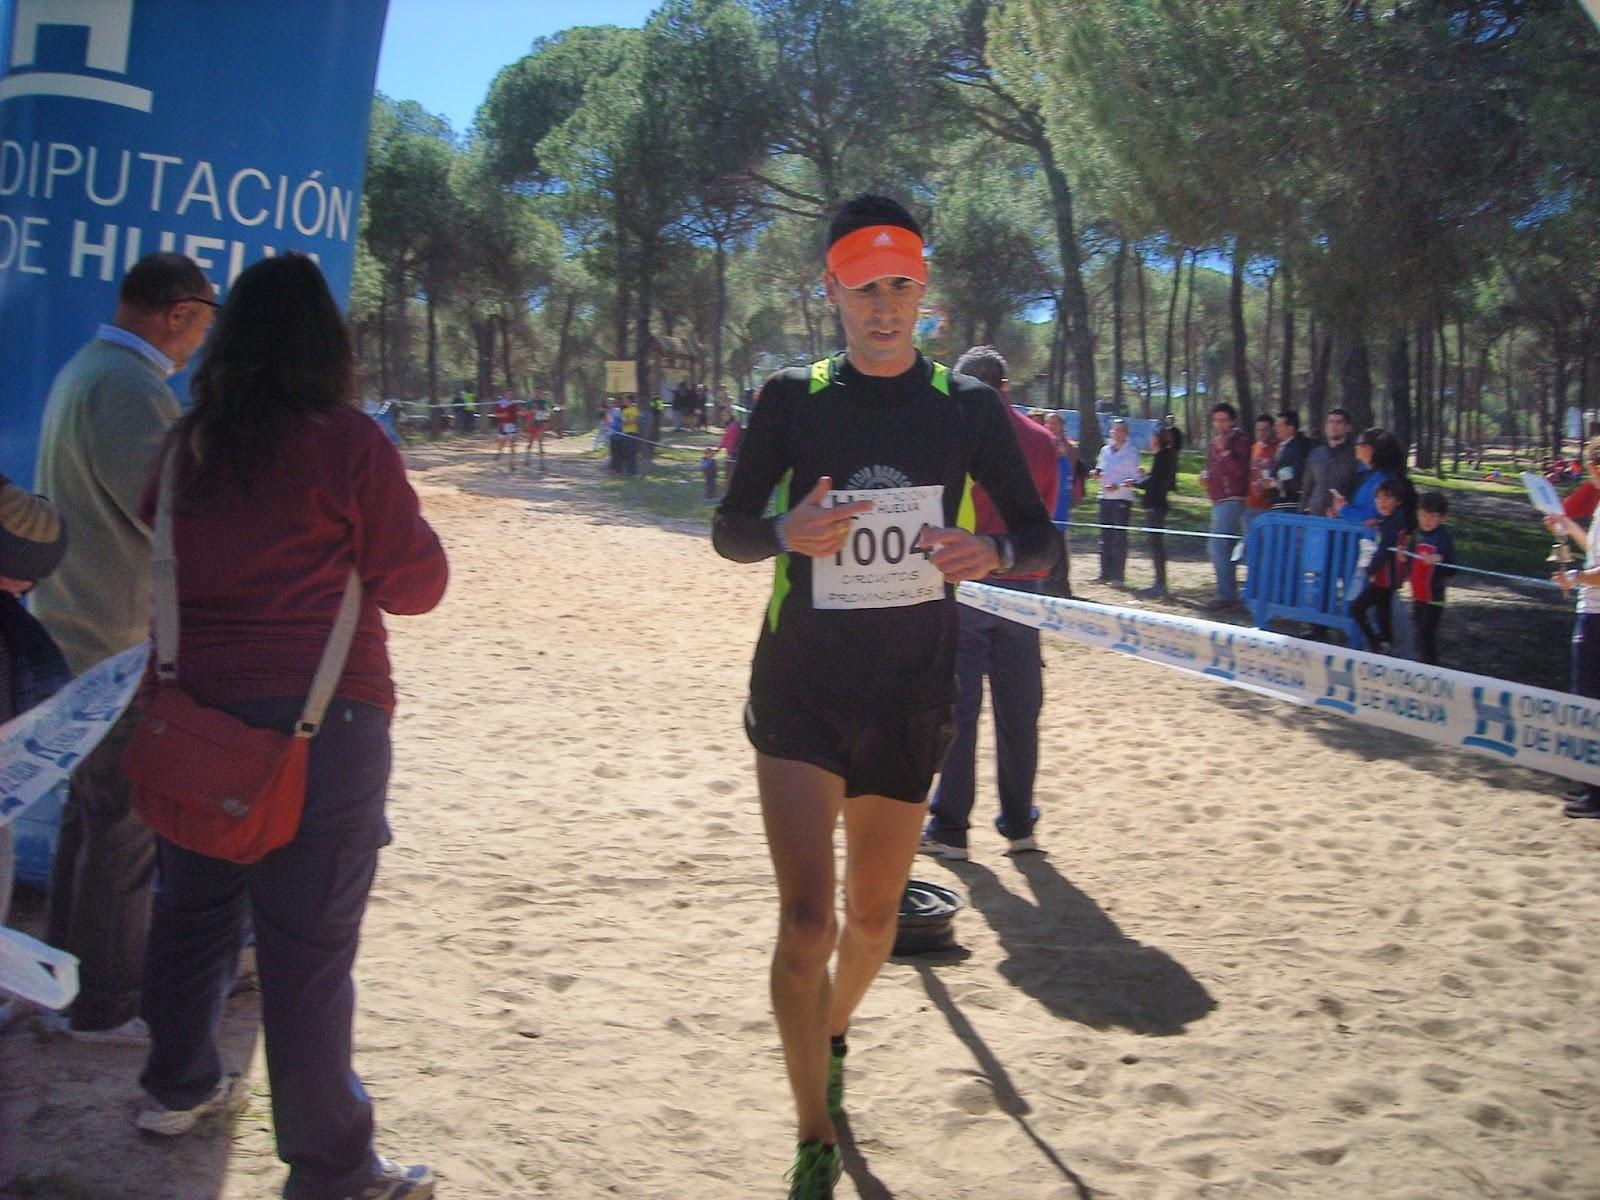 Adrián Andivia y Carolina Ponce Campeones del Circuito de Gran Fondo Diputación Huelva